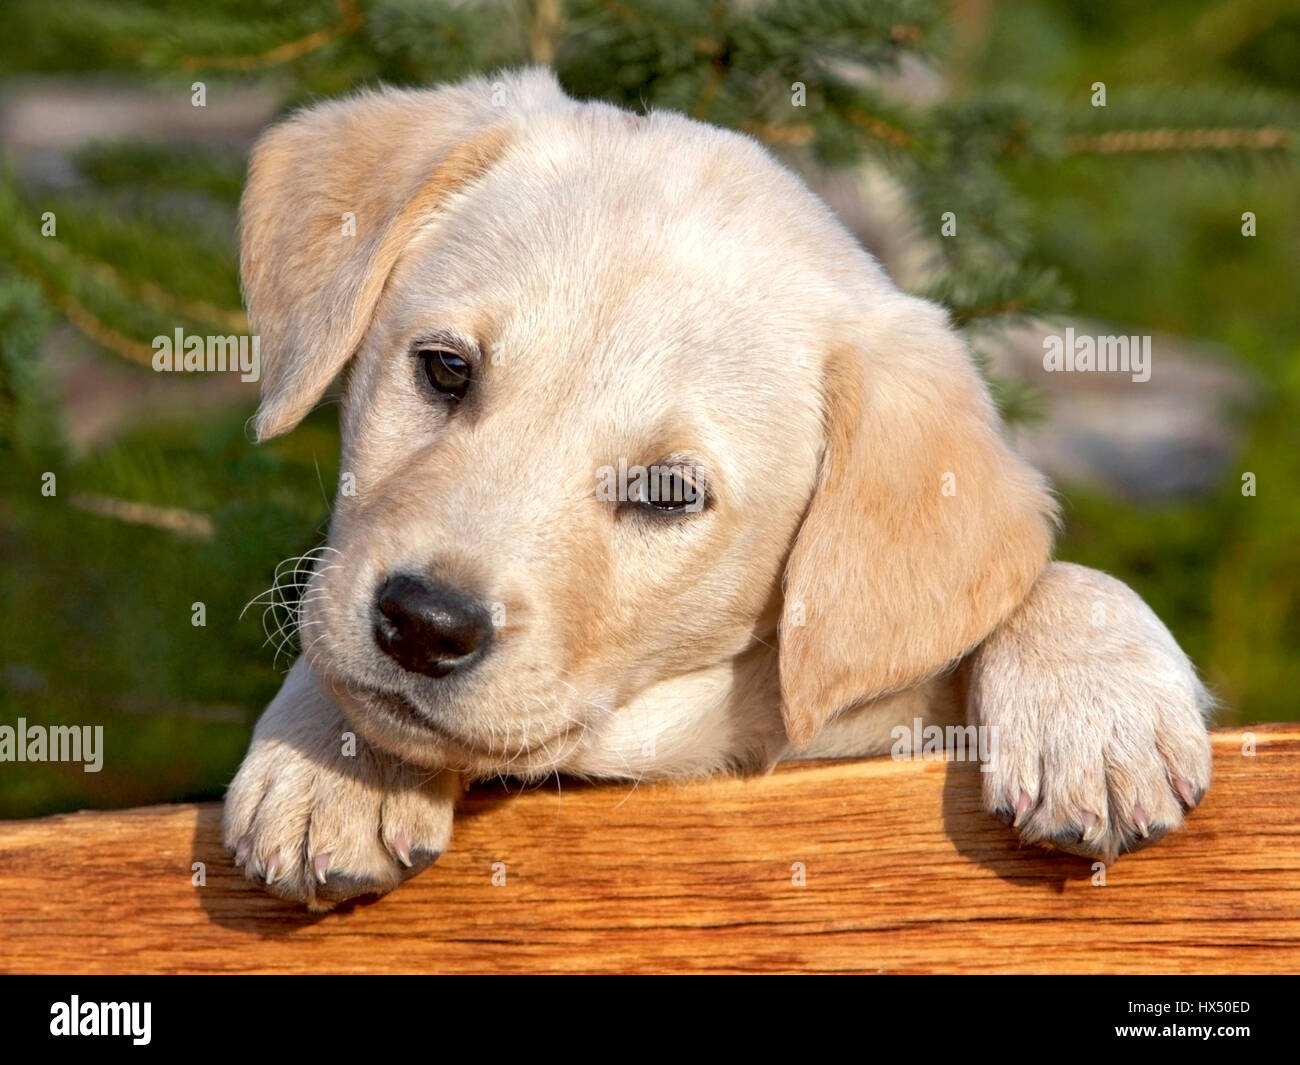 Giallo simpatico Labrador Retriever cucciolo guardando da dietro un pannello di legno. Foto Stock